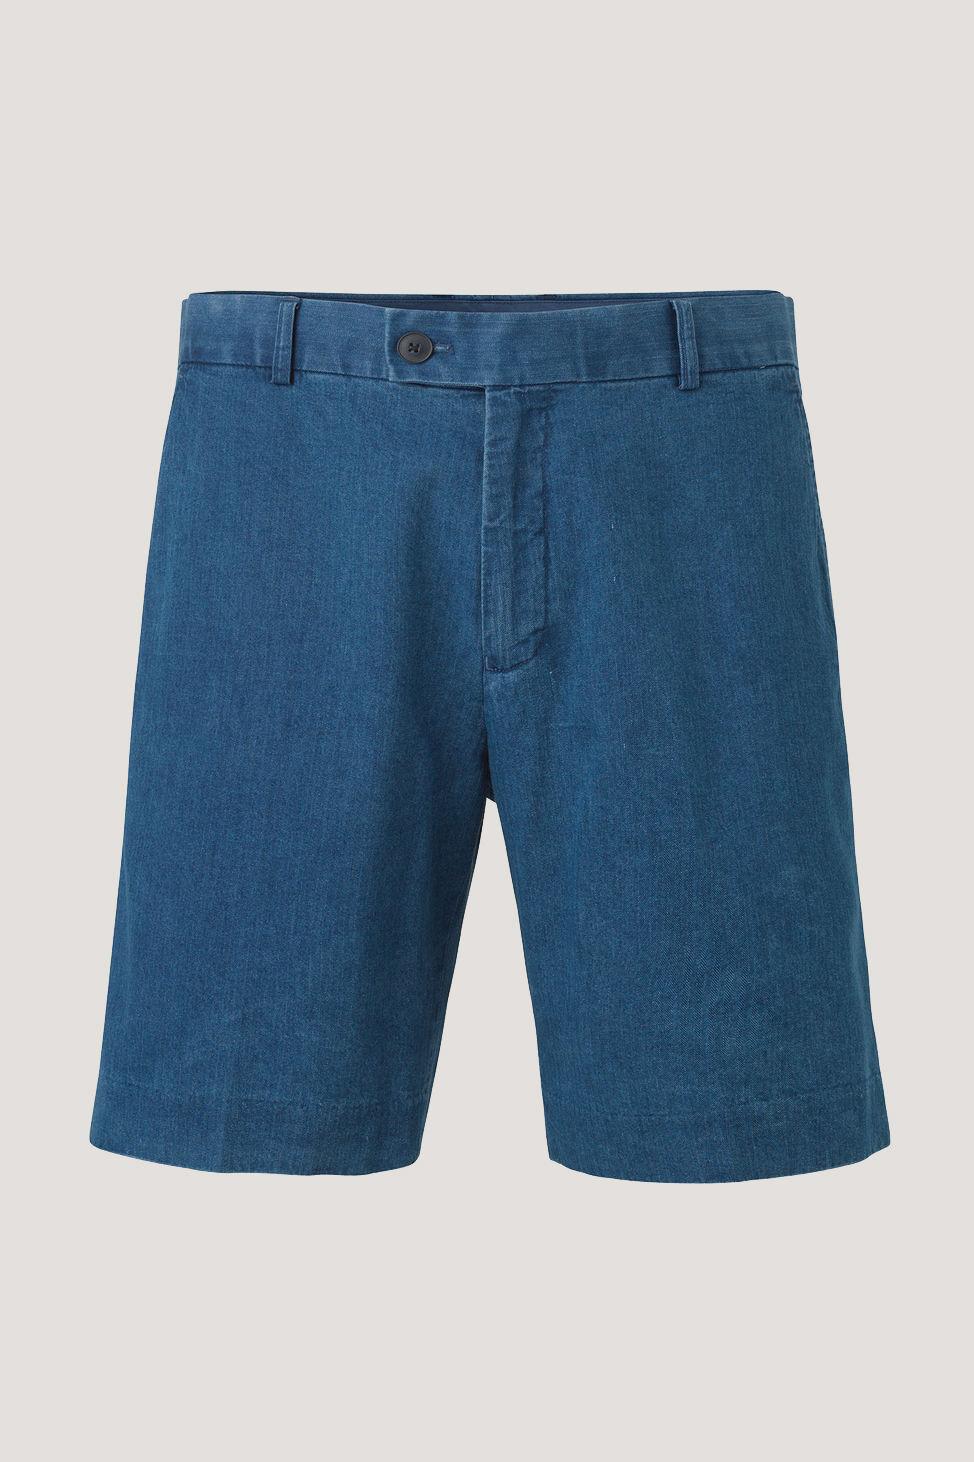 Laurent shorts 9970